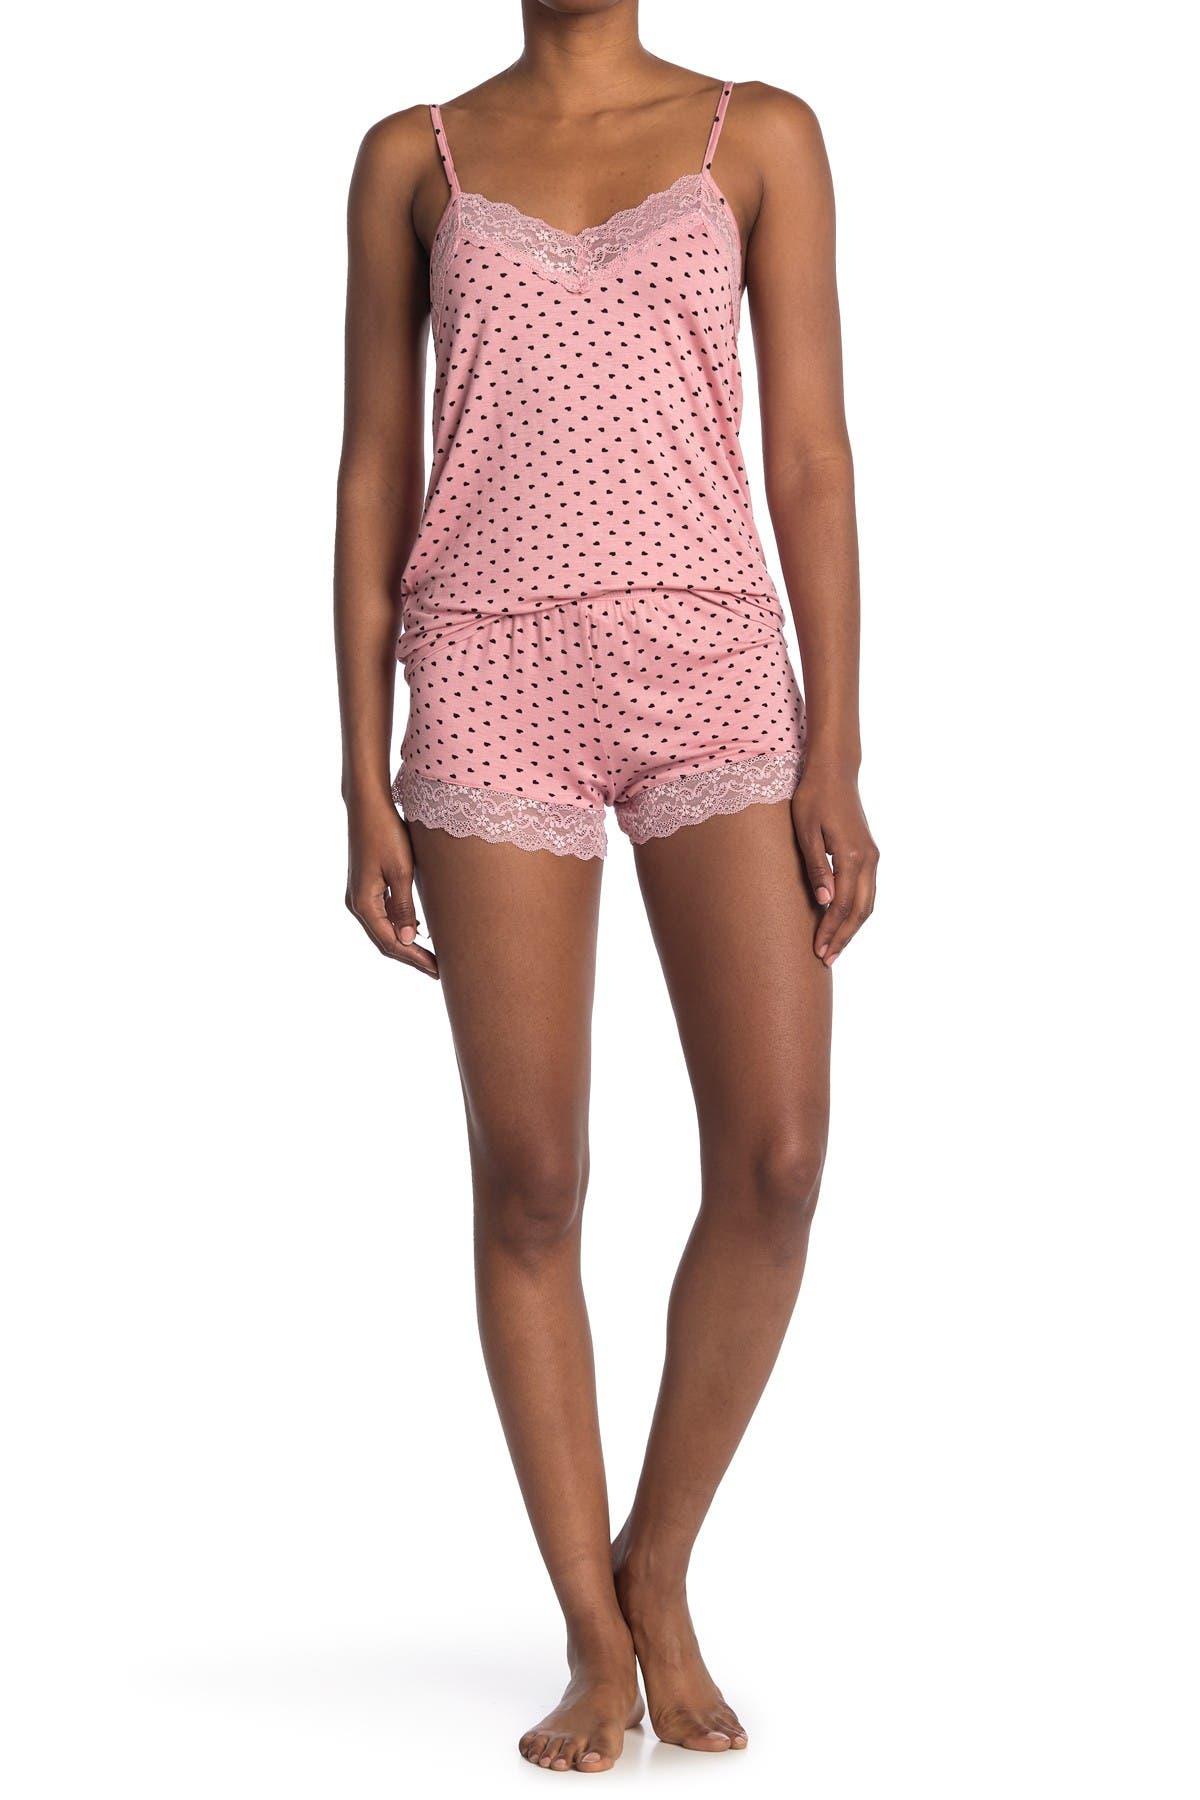 Image of COZY ROZY Heart Printed Pajama 2-Piece Set